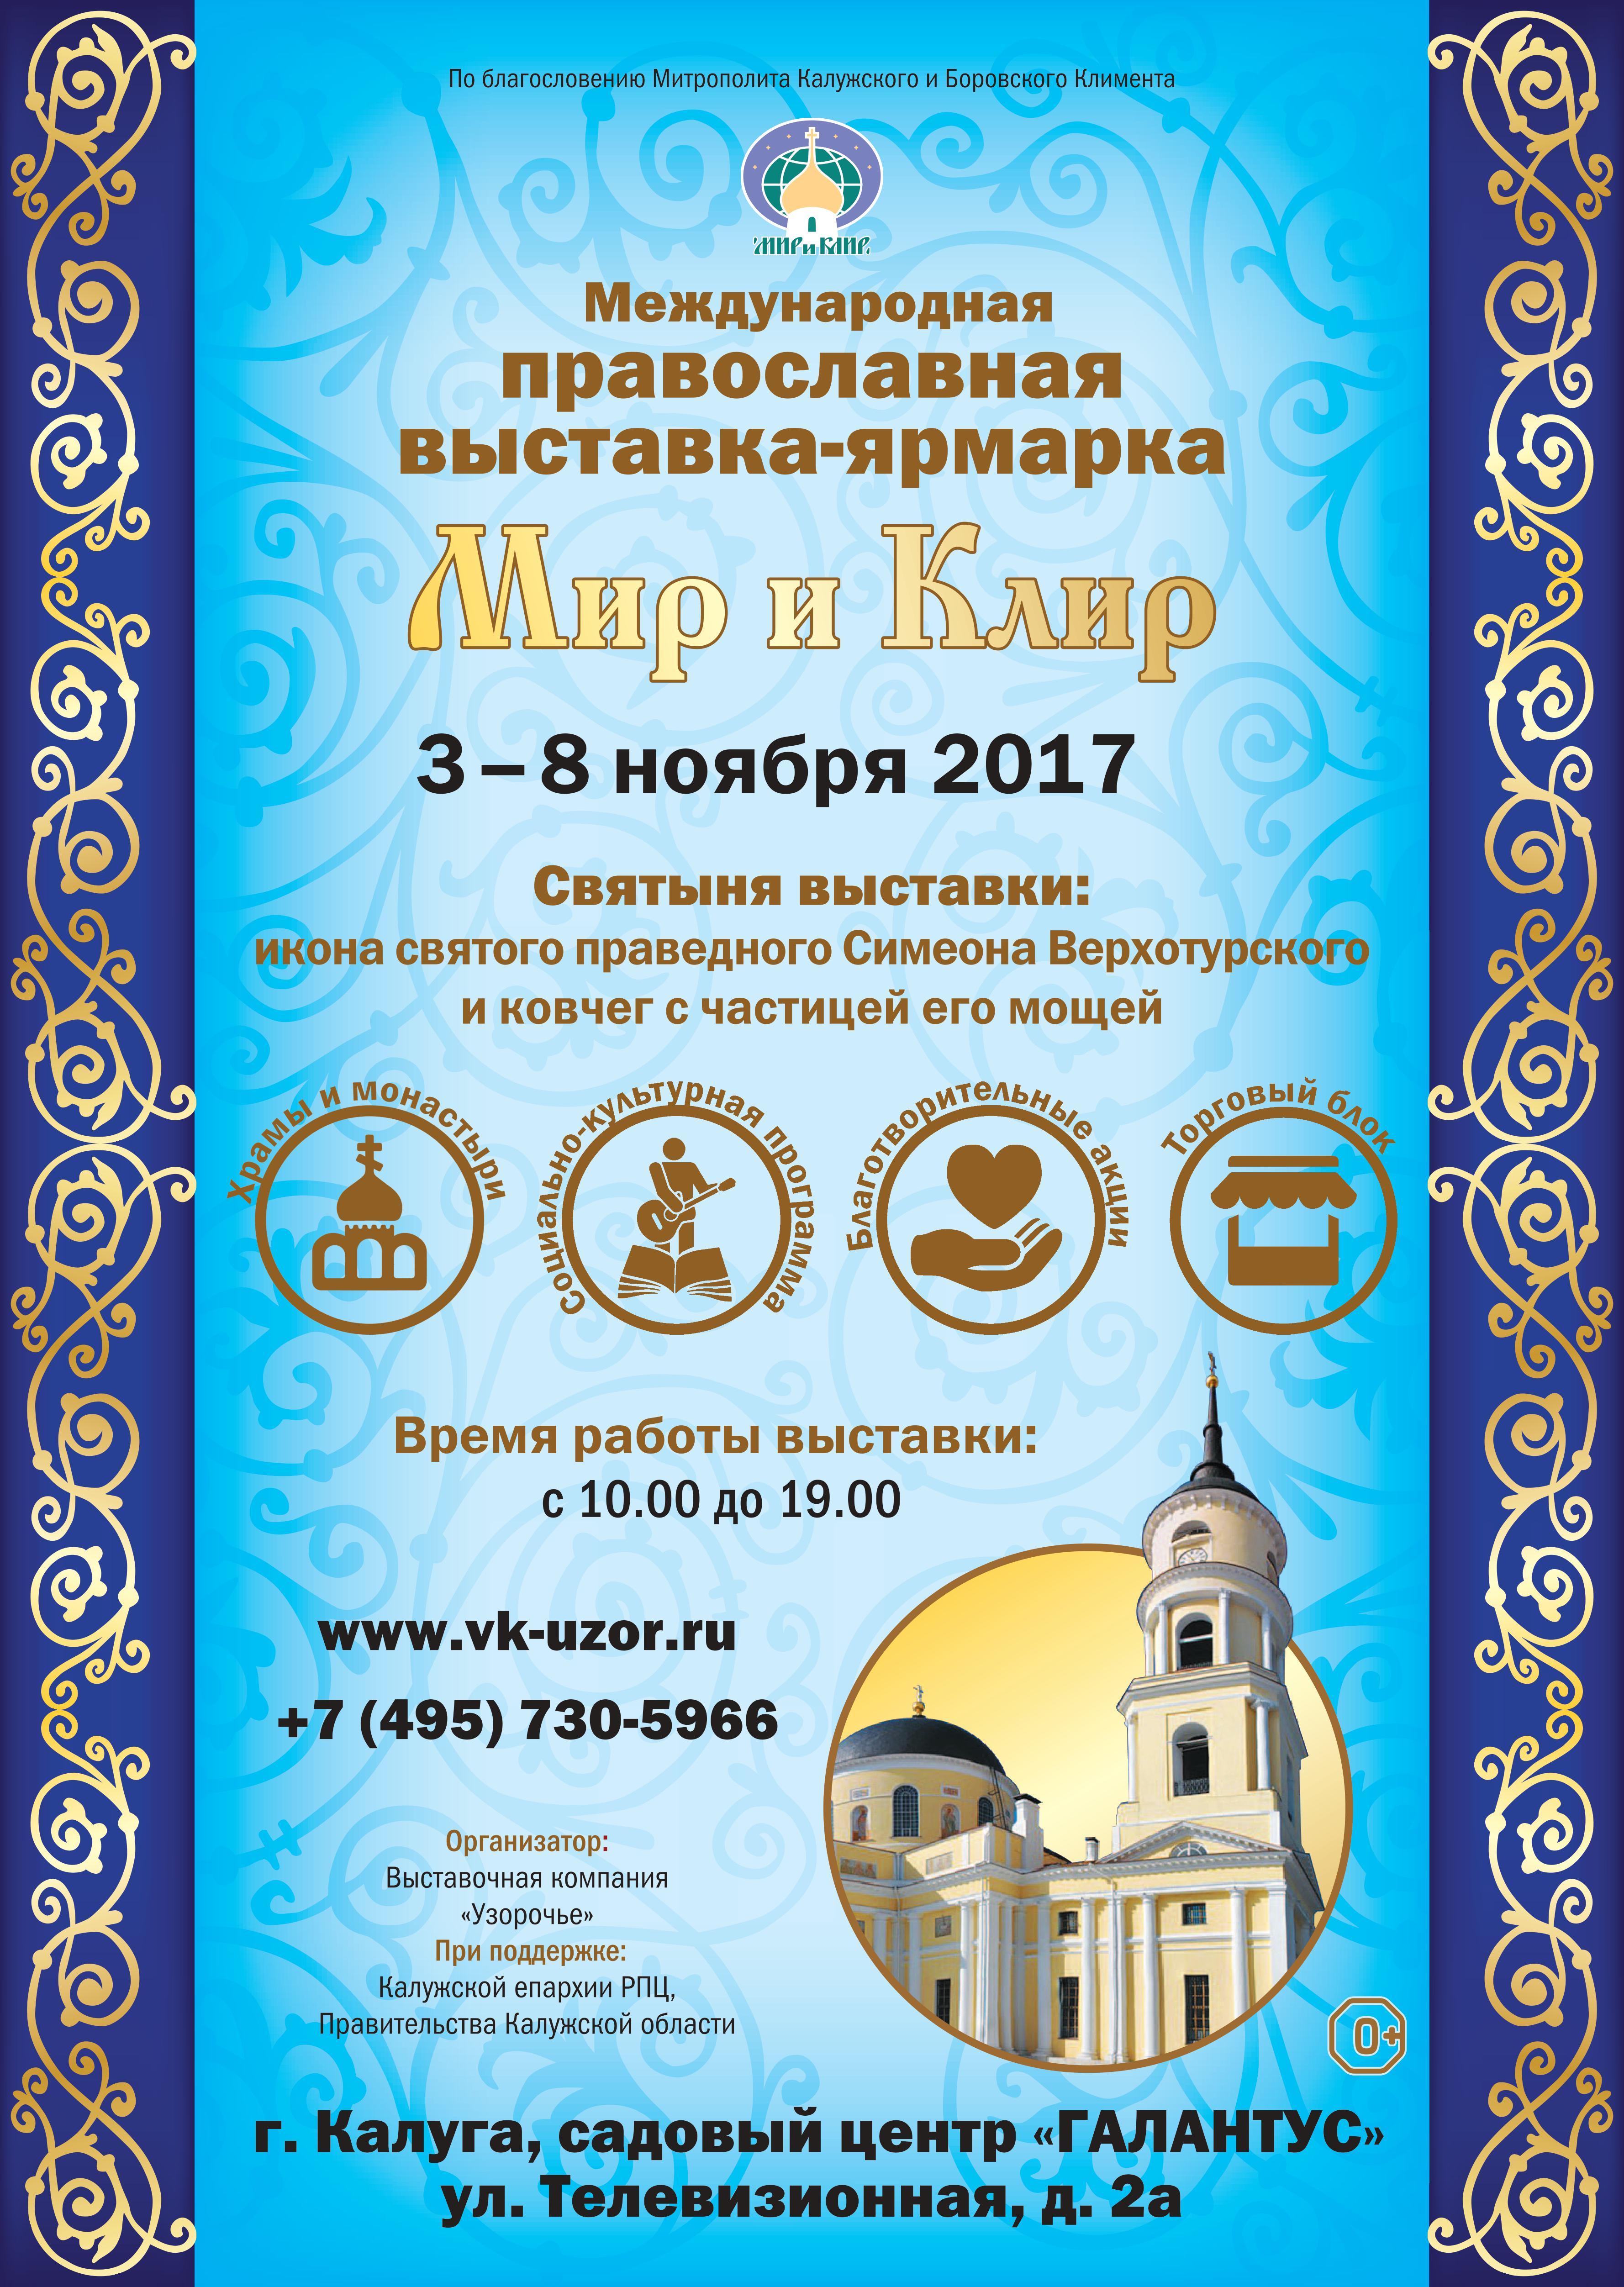 В Калуге пройдет международная православная выставка